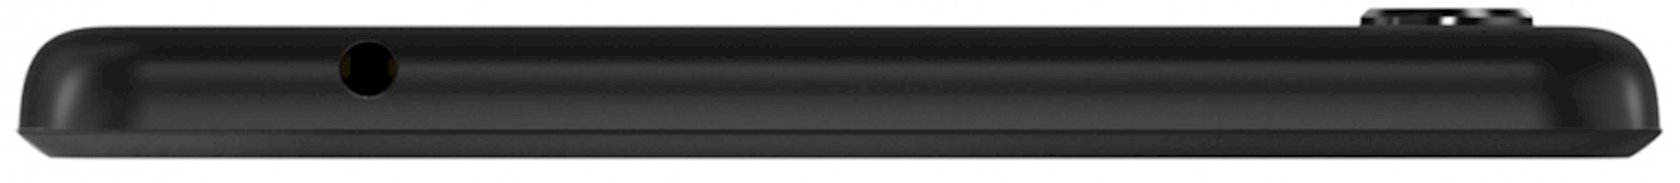 Planşet Lenovo Tab M7 TB-7305F